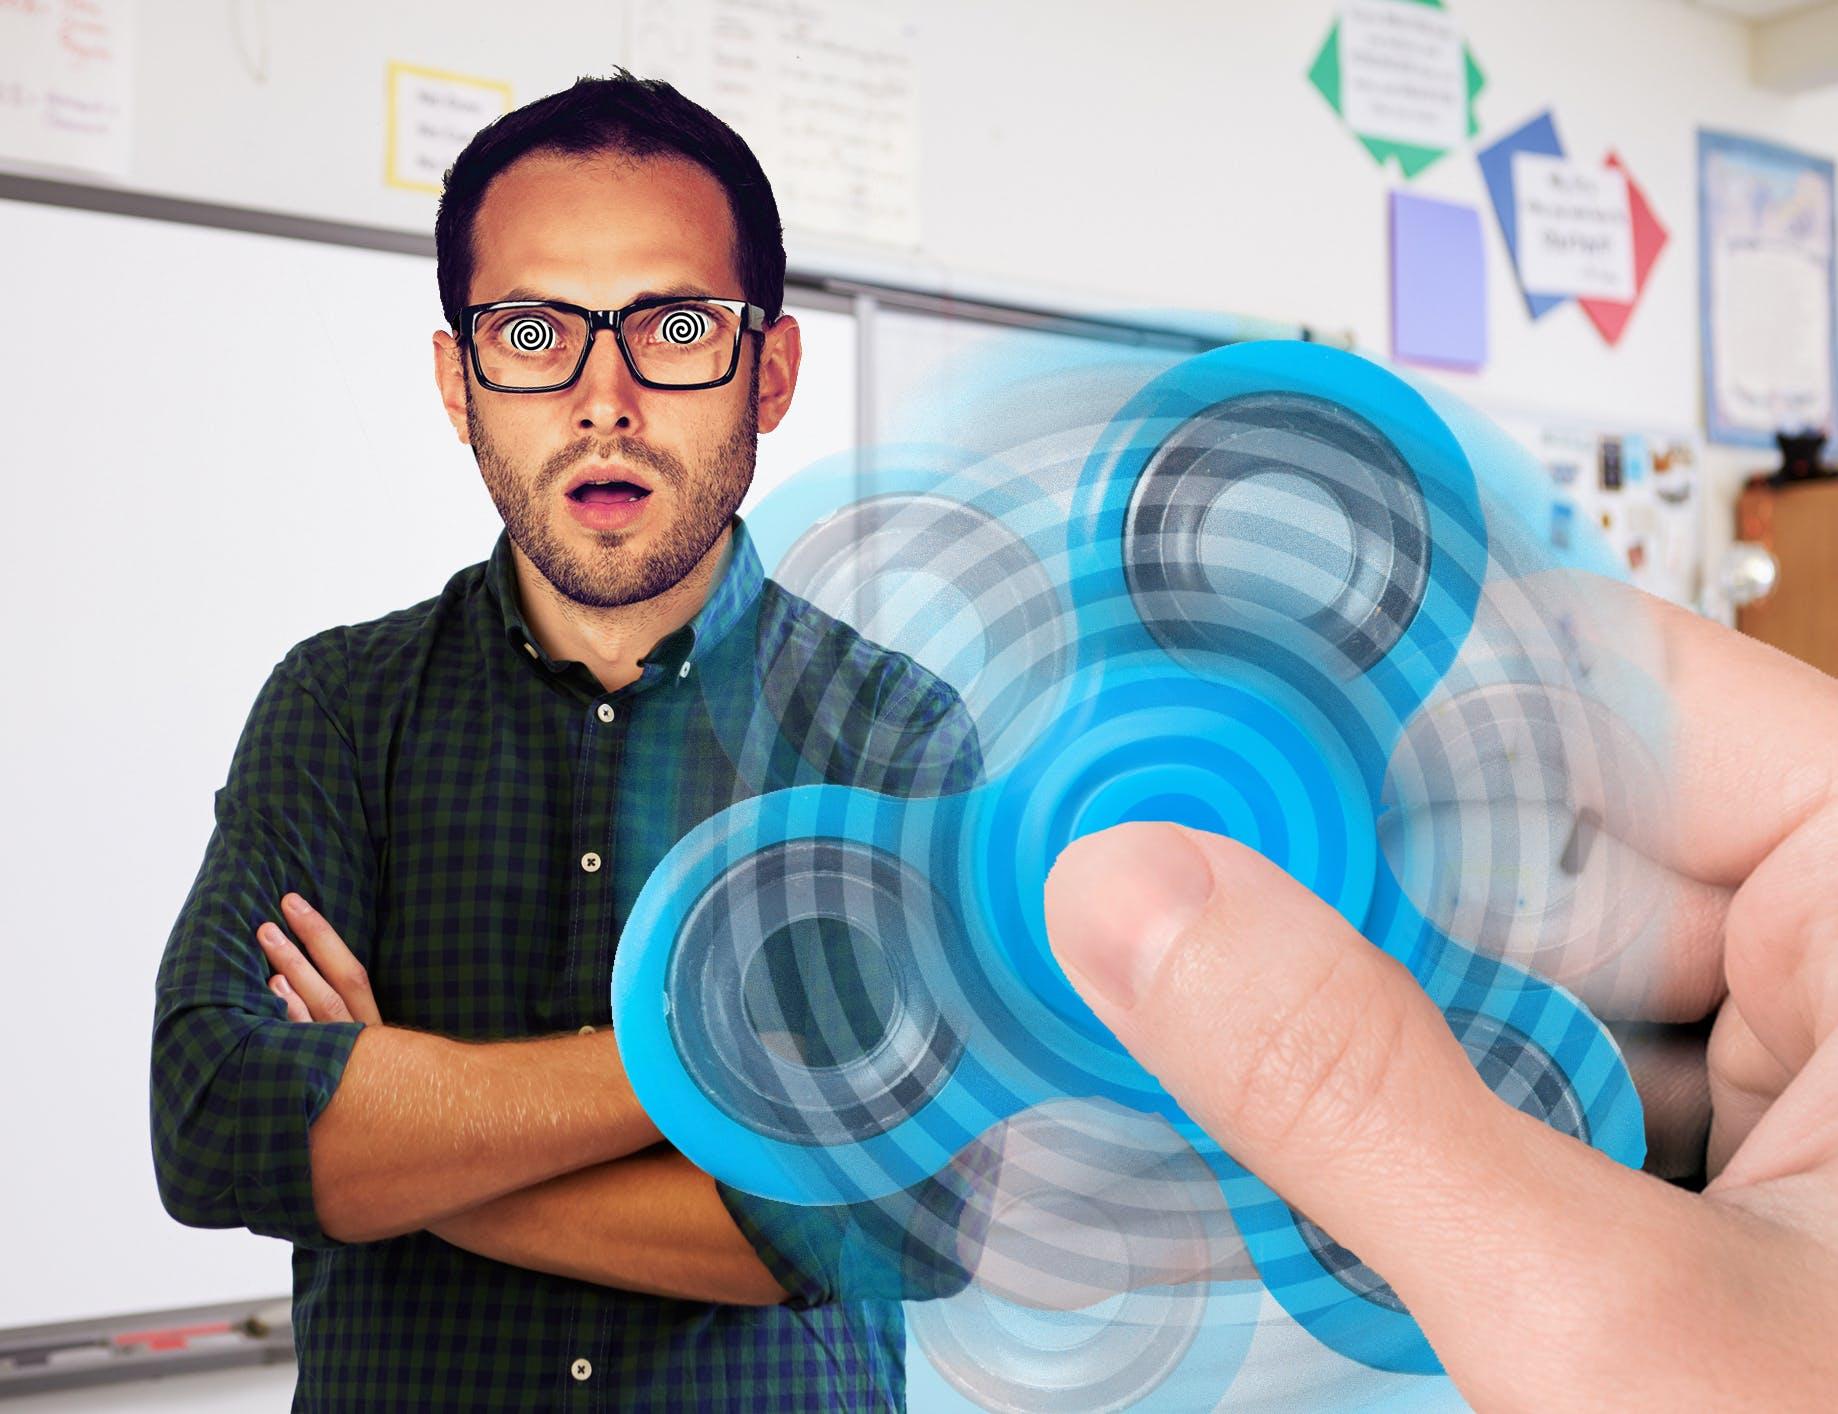 Teacher being hypnotised by a fidget spinner